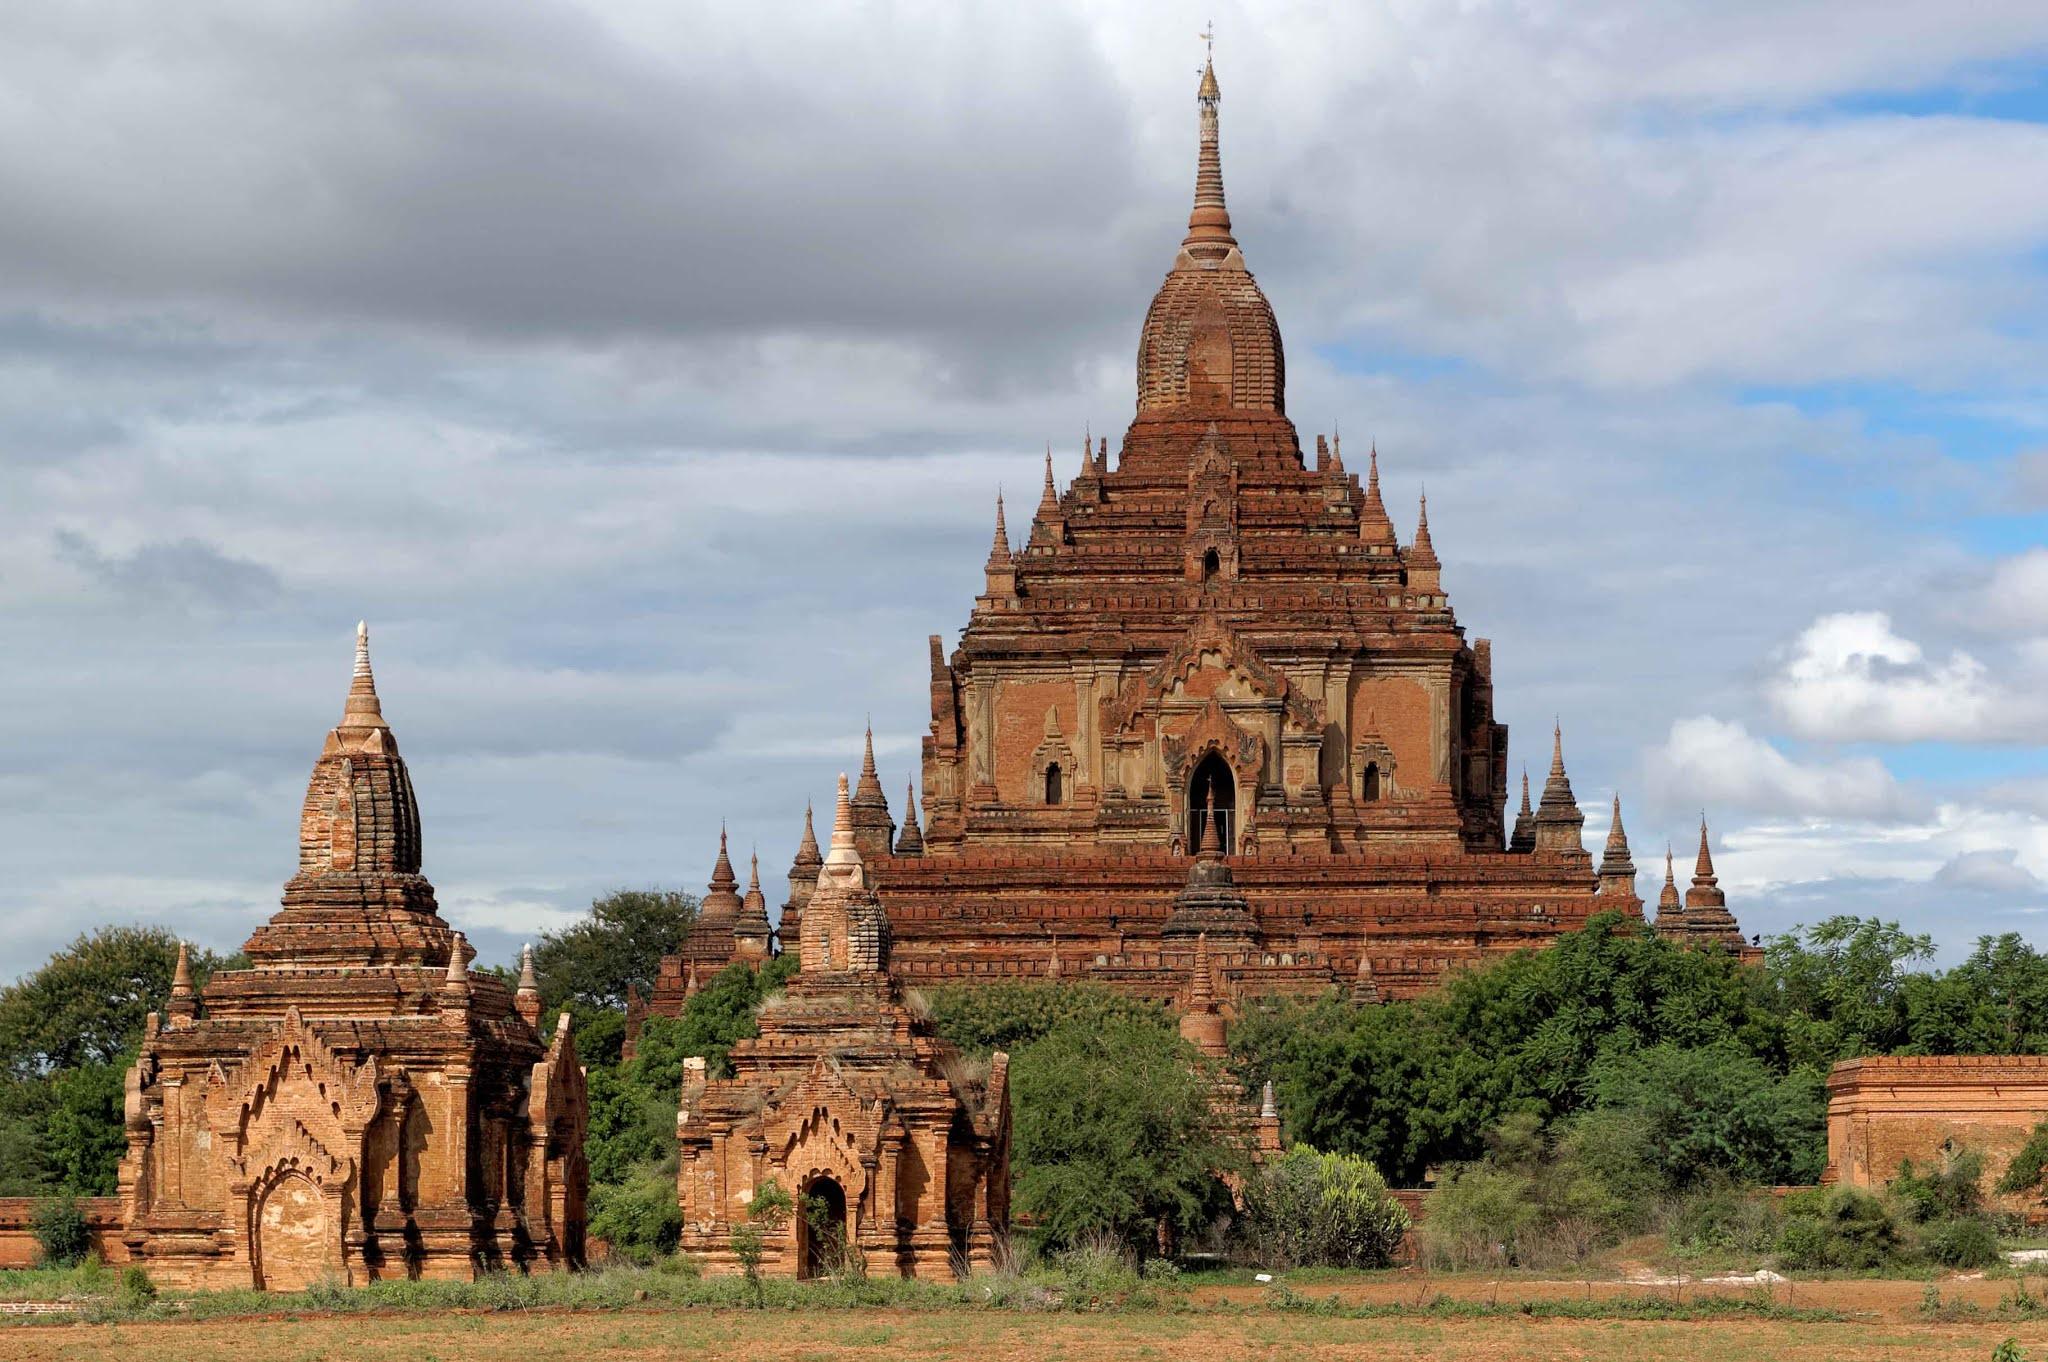 Храм Хтиломинло в Багане, Мьянма